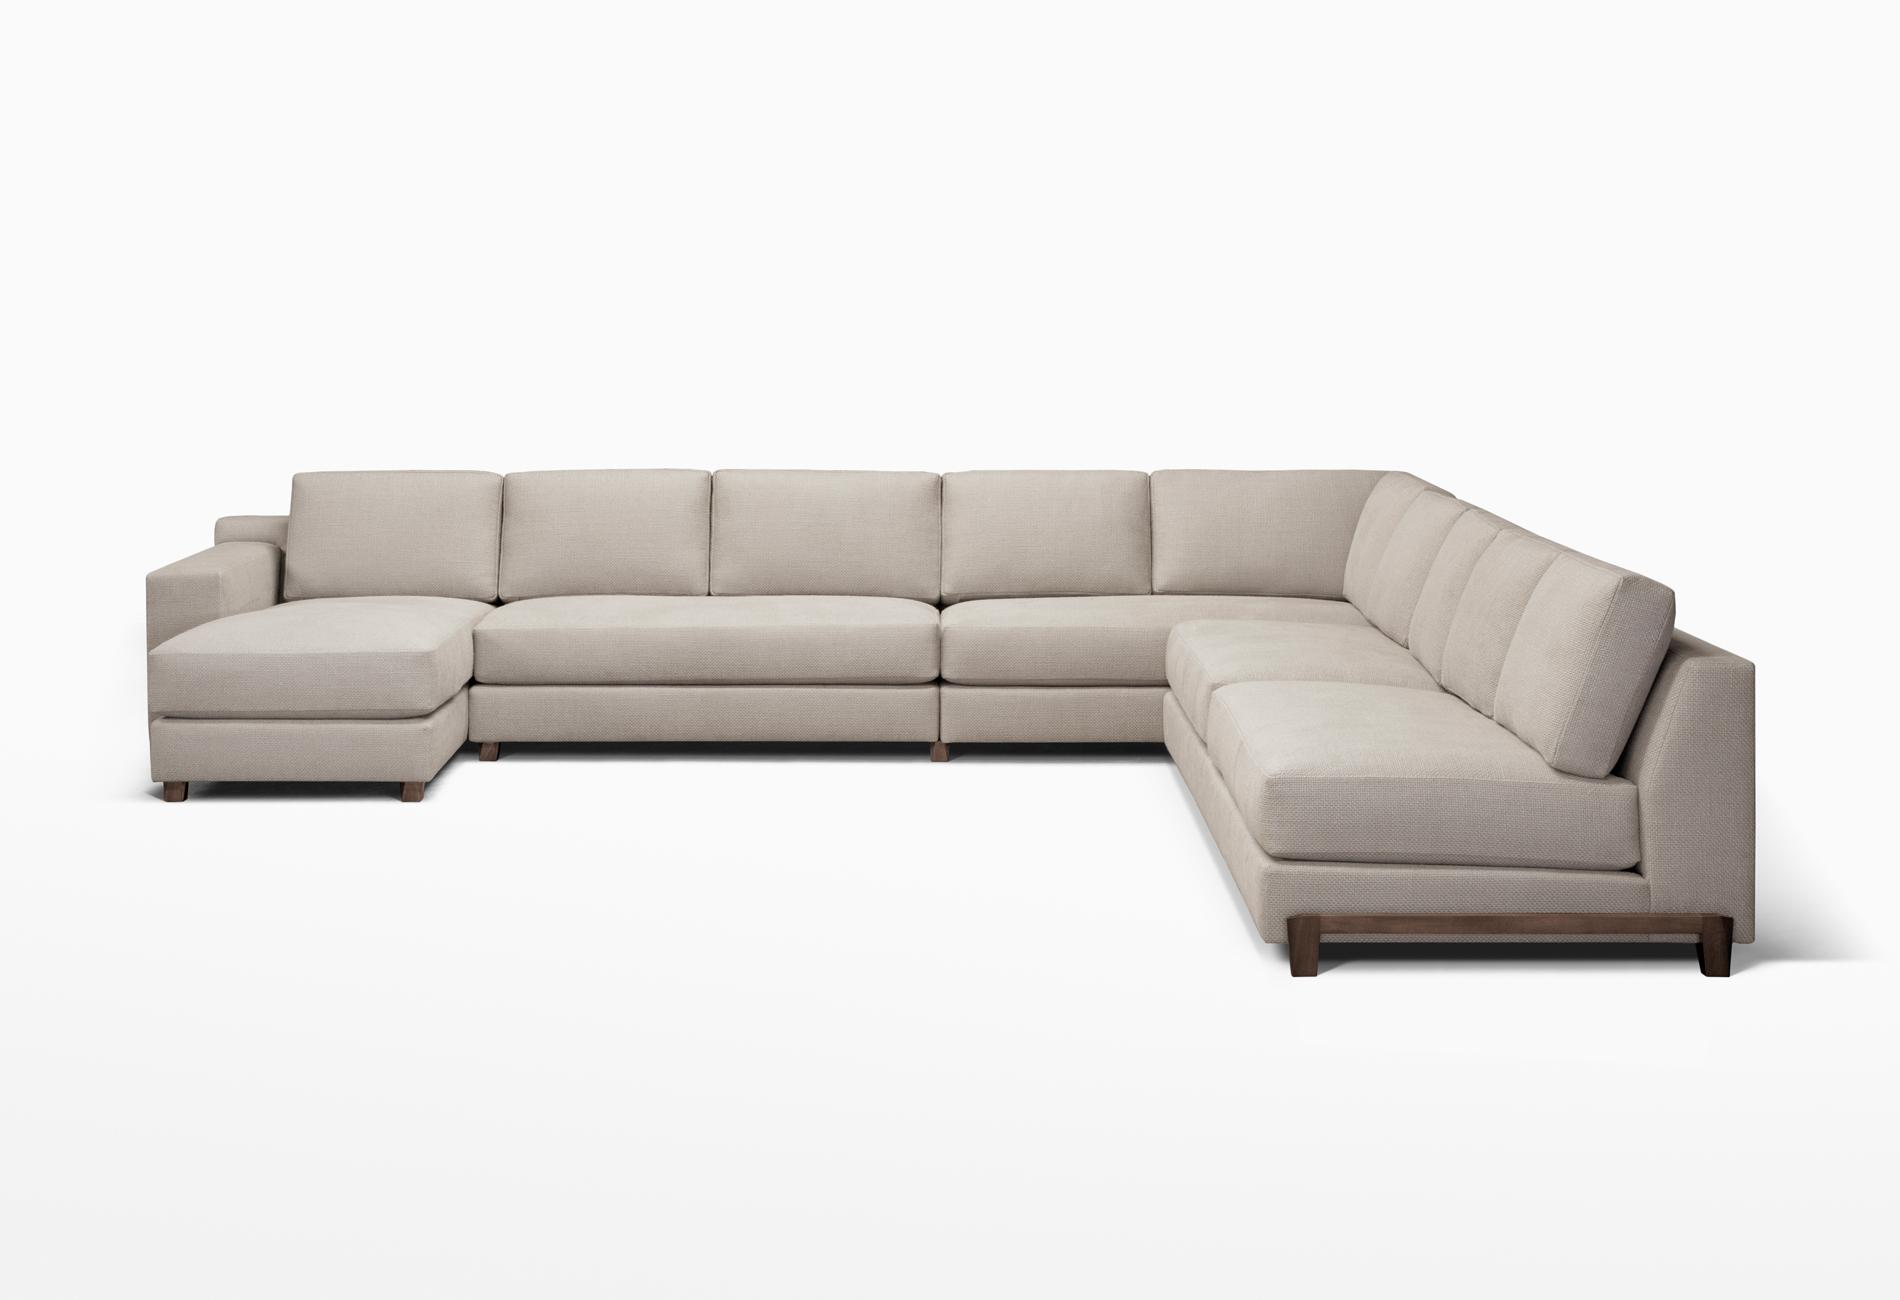 CMS Living Room Sectional (2).jpg